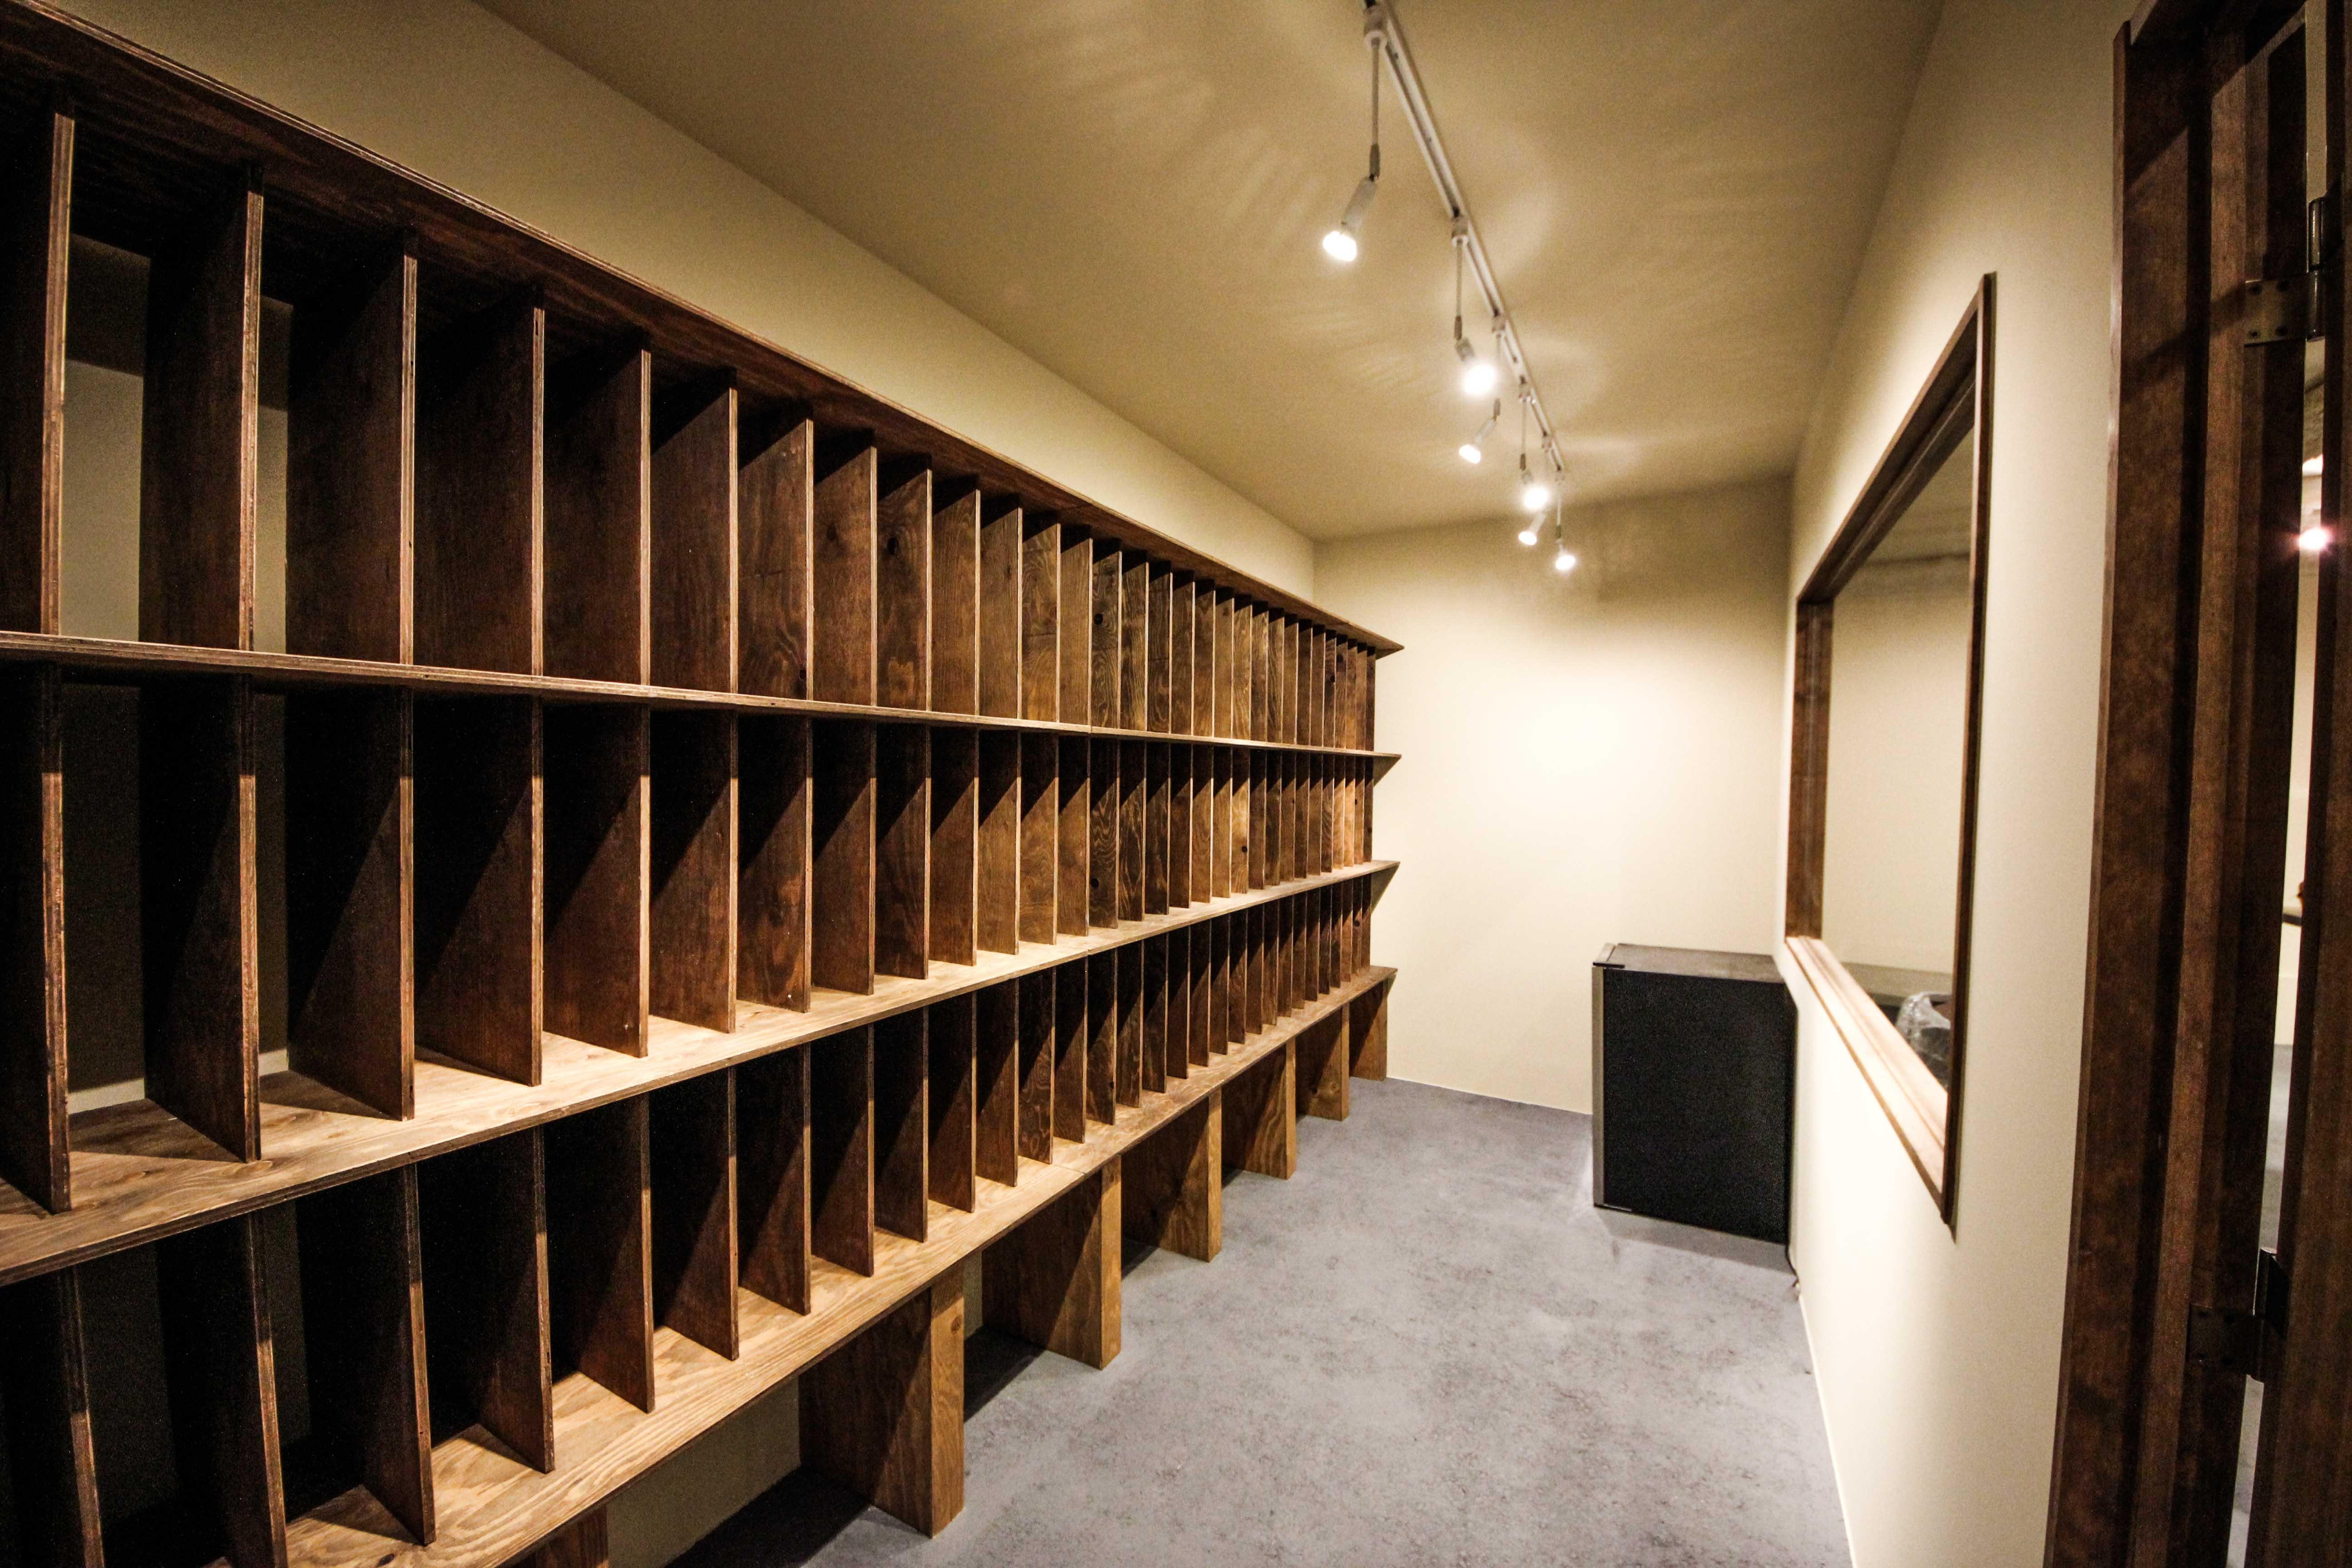 ワインバー店舗デザイン